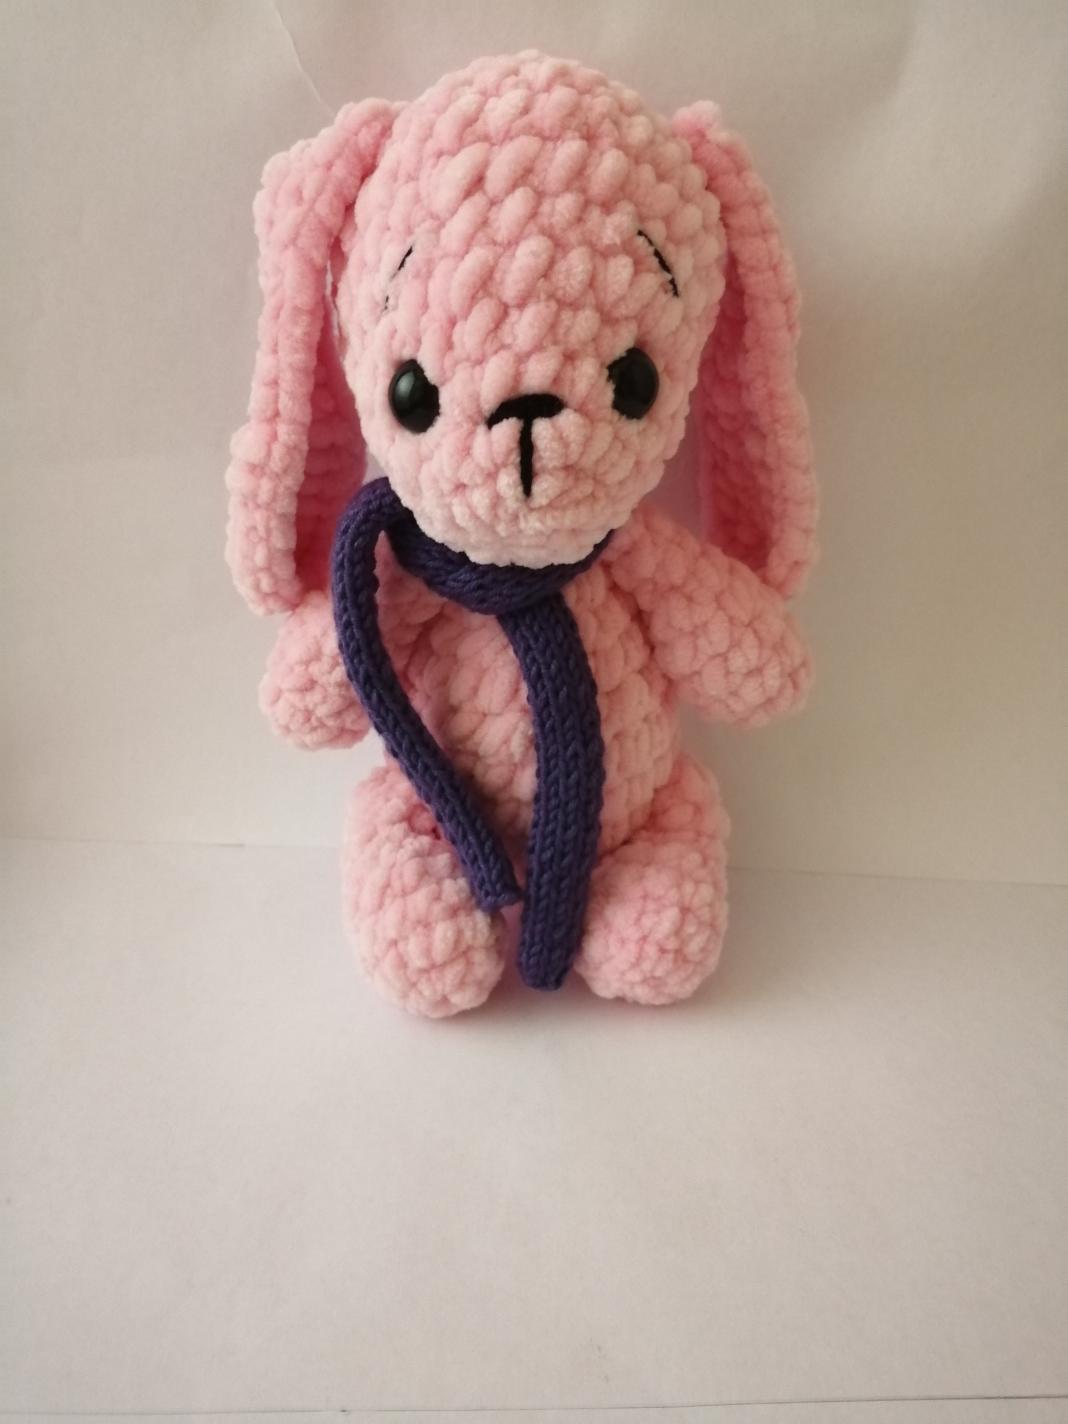 Amigurumi Kadife Ayıcık - Plush Teddy Bear - Mühendisin Hobileri | 1424x1068